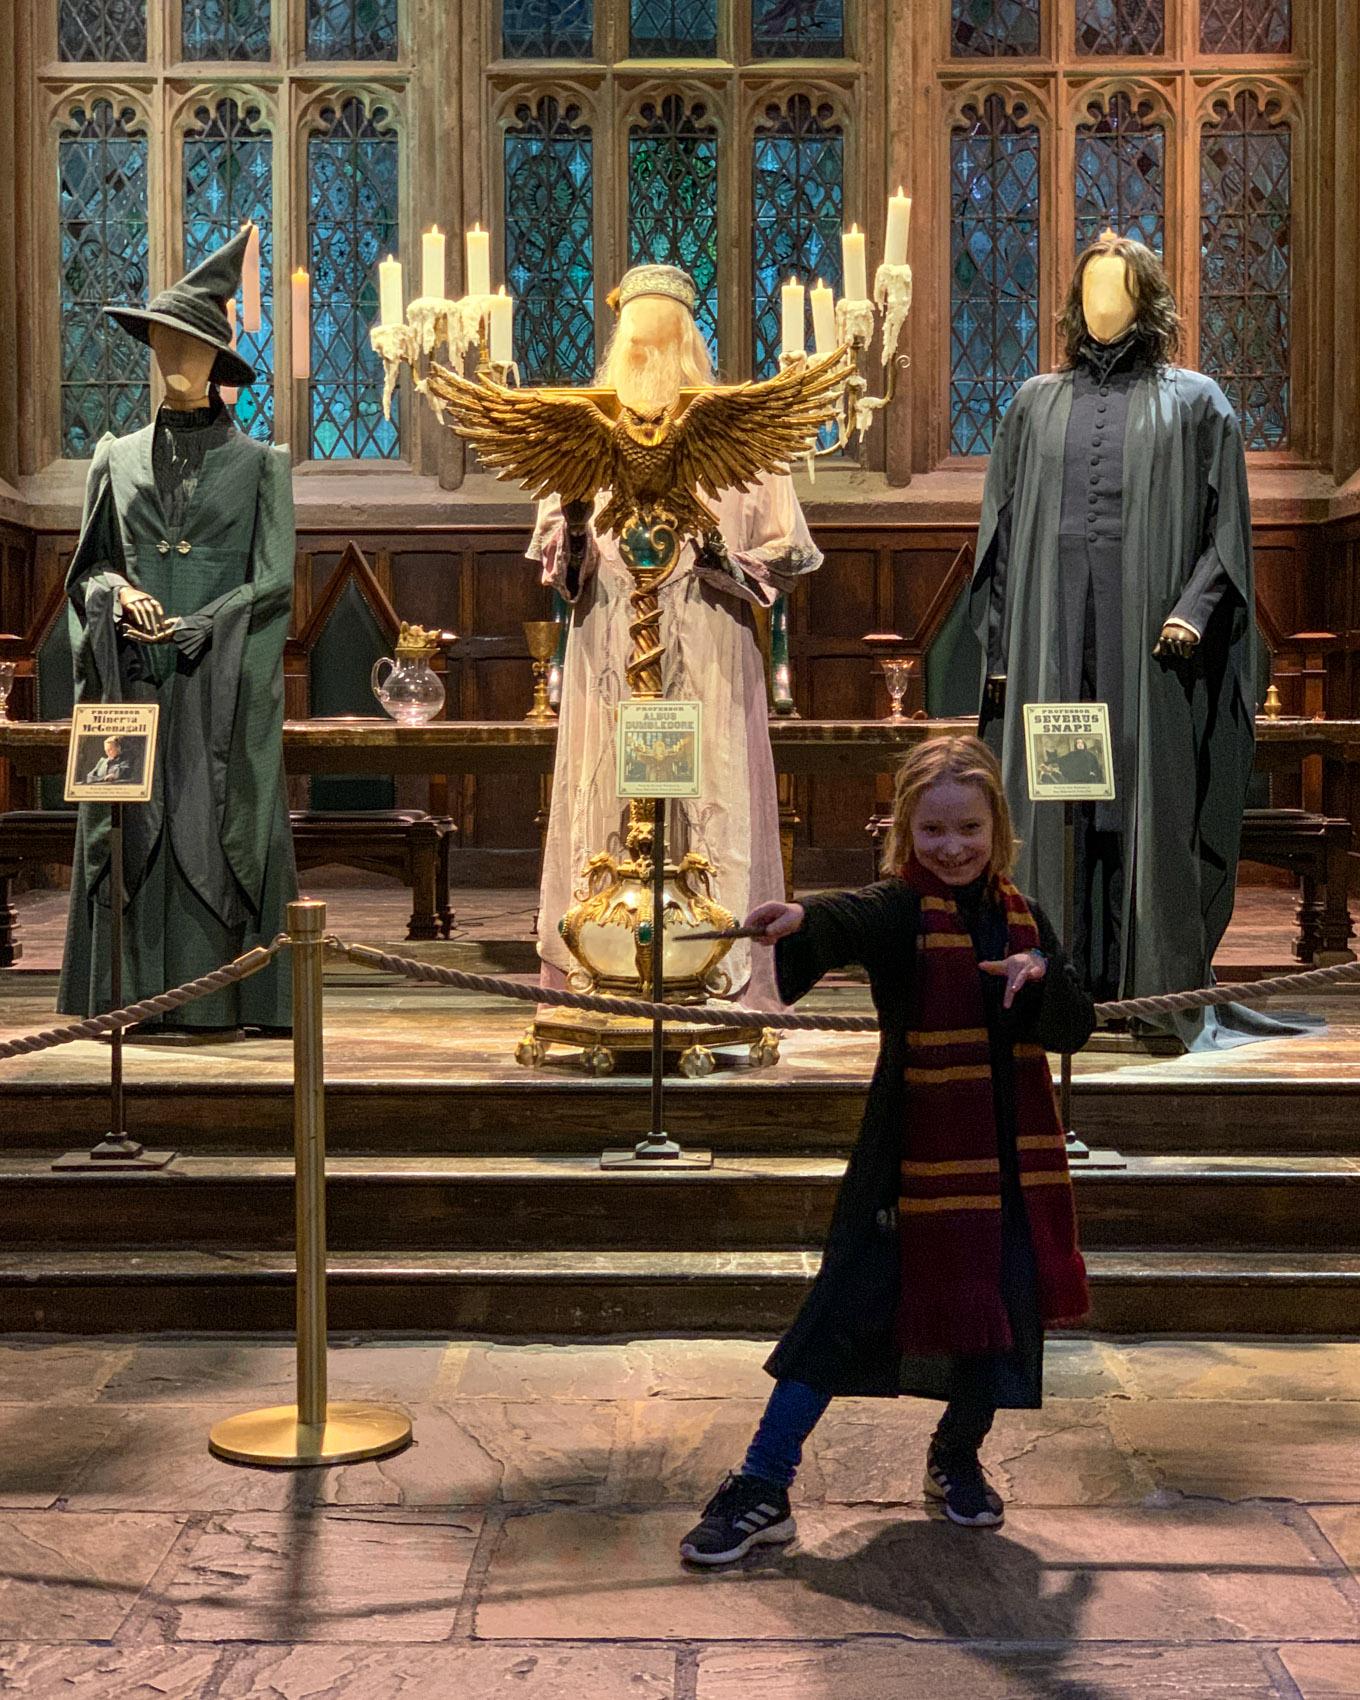 Harry Potter - Warner Bros Studio Tour